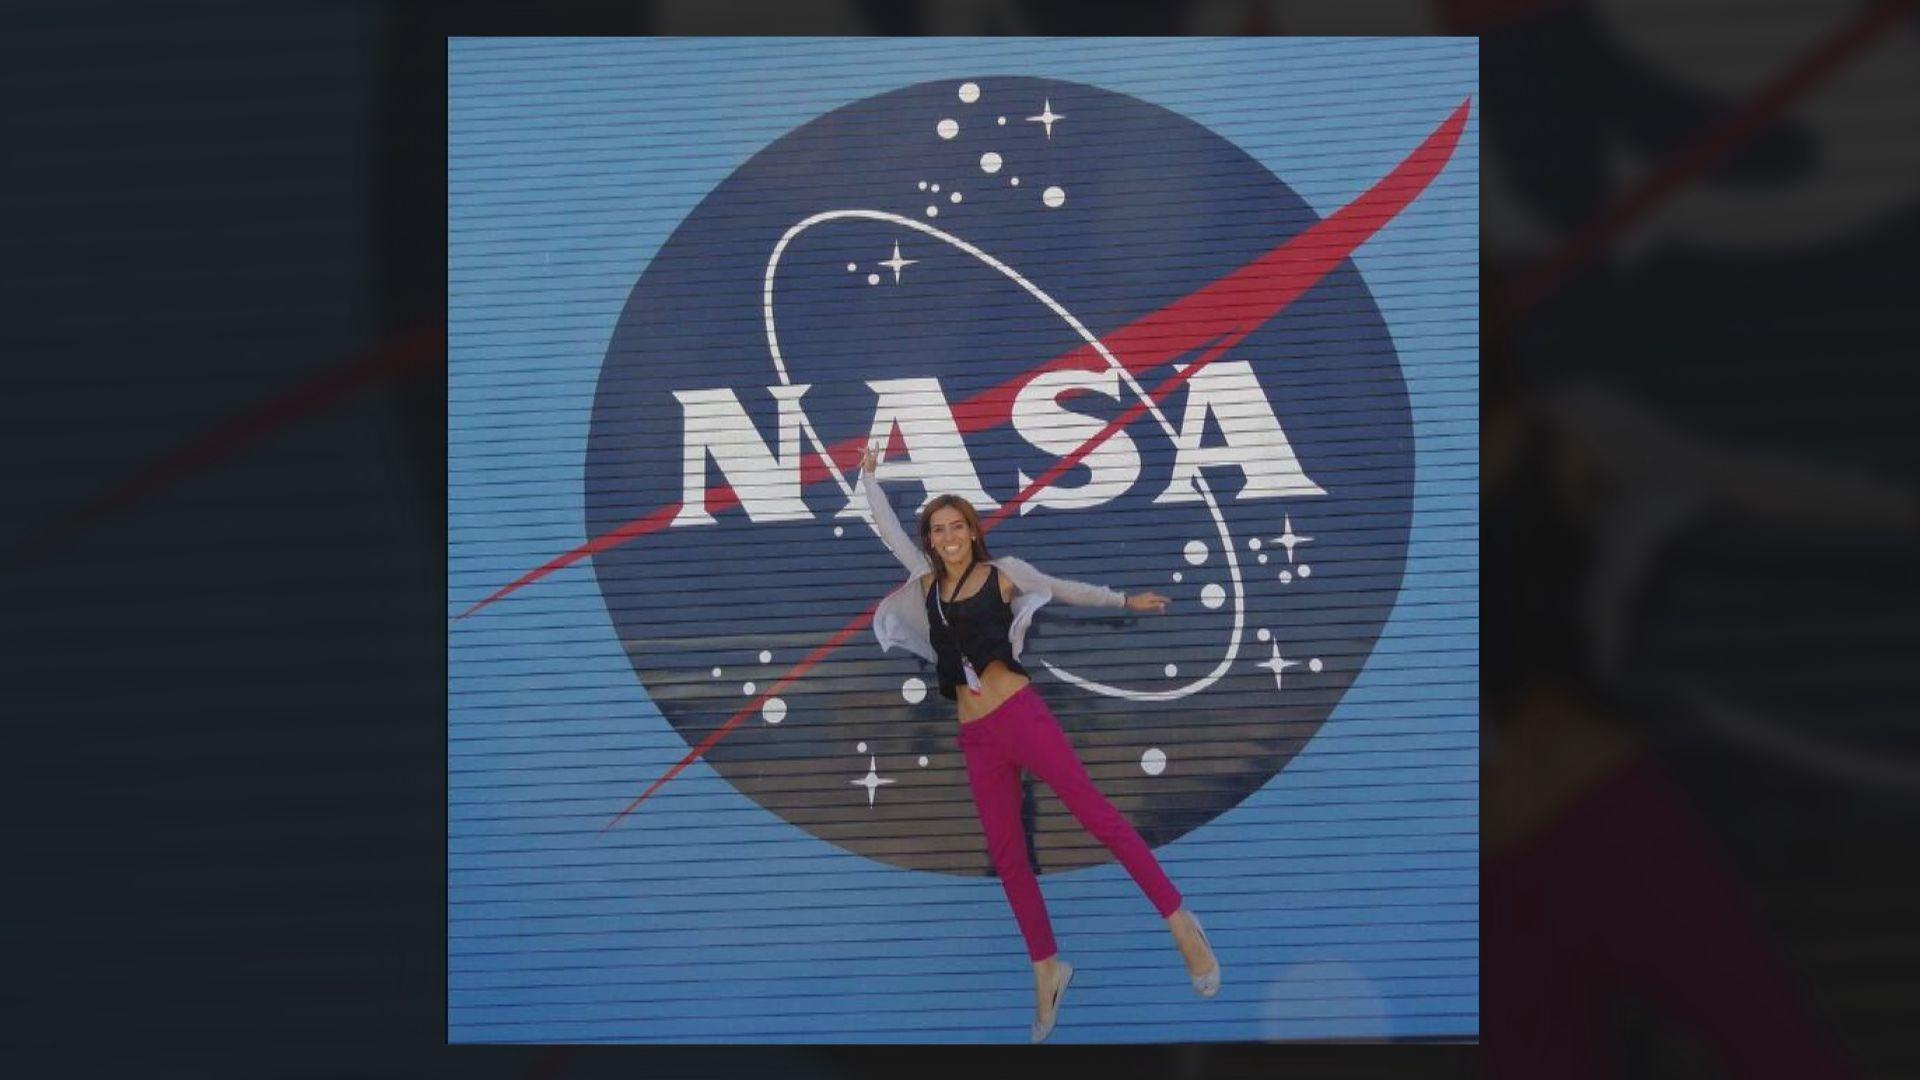 【即日焦點】何君堯:建制派而言我是Number One 各建制版塊需有何君堯;希臘女訛稱受聘NASA 藉訪問偽造「最強履歷」